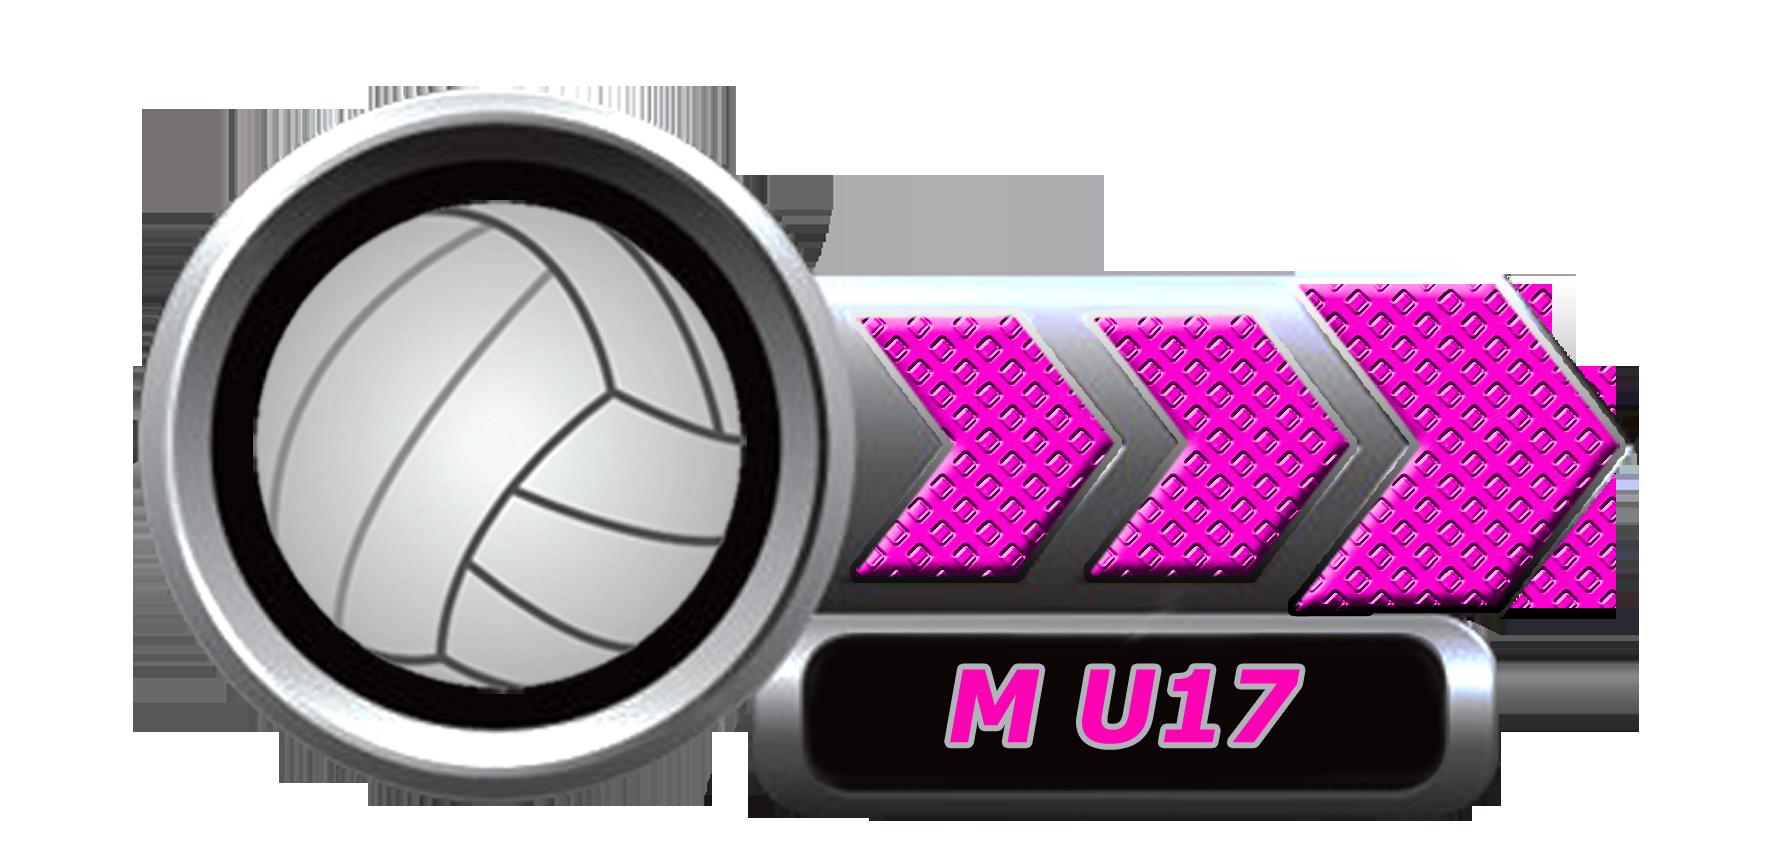 button MU17